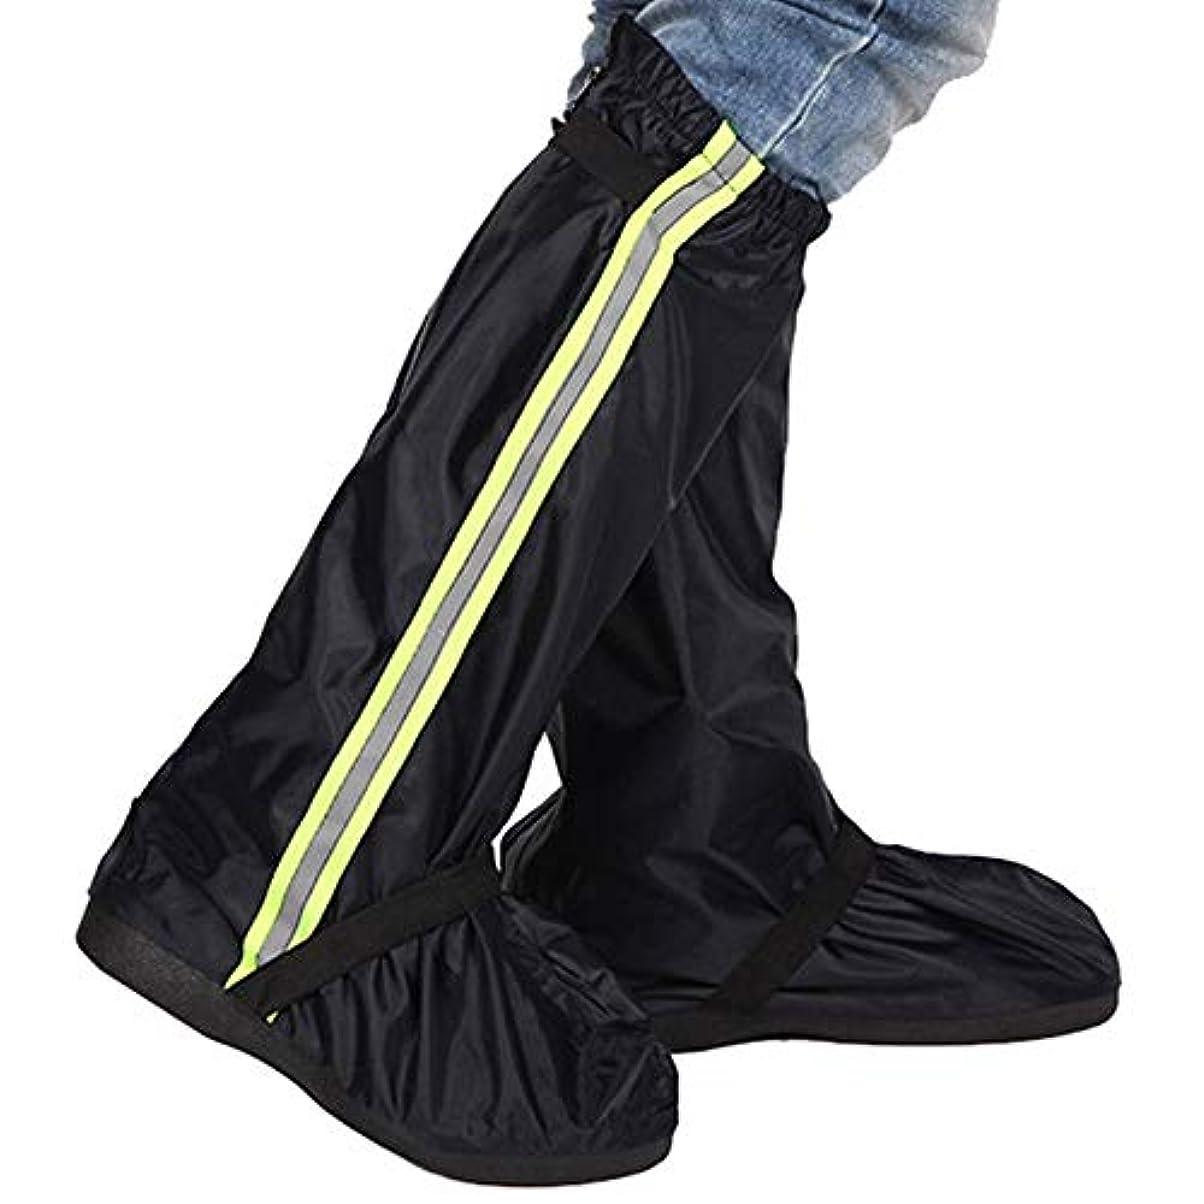 コンサルタント結婚したニュース防水靴カバー バイクシューズカバー、防水反射サイクリングシューズカバー、防風自転車ロックオーバーシューズRain Snow Boot ProtectorフィートゲイターMTBバイク自転車シューズカバー、男性と女性用防水オーバーシューズ (色 : 緑, サイズ : XX-Large)